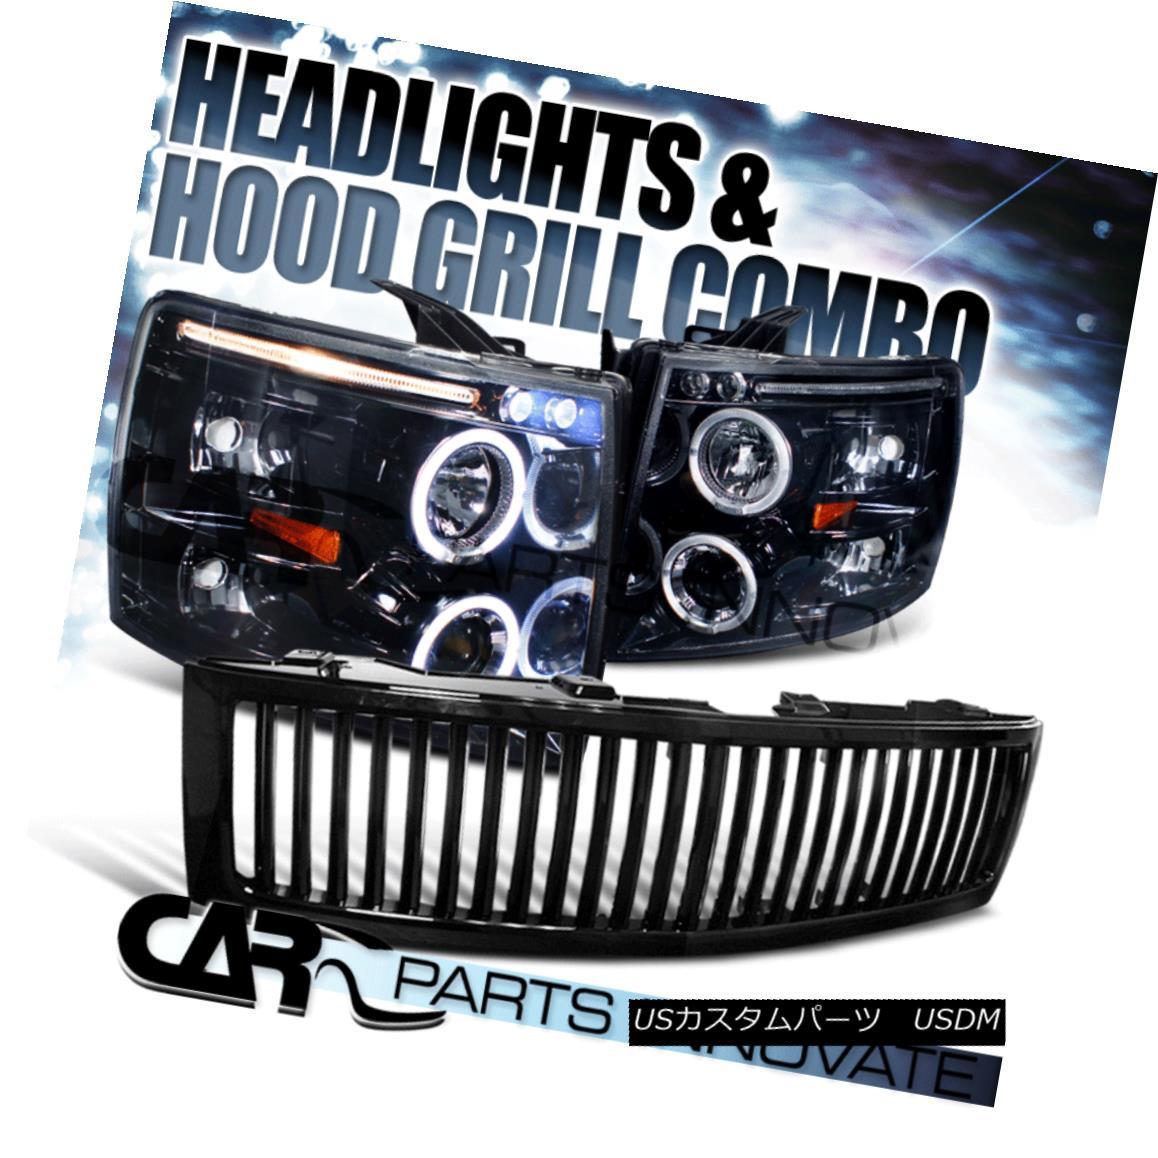 グリル Glossy Black 07-13 Chevy Silverado 1500 Smoke LED Projector Headlights+Grille 光沢のある黒07-13 Chevy Silverado 1500煙LEDプロジェクターヘッドライト+グリ lle